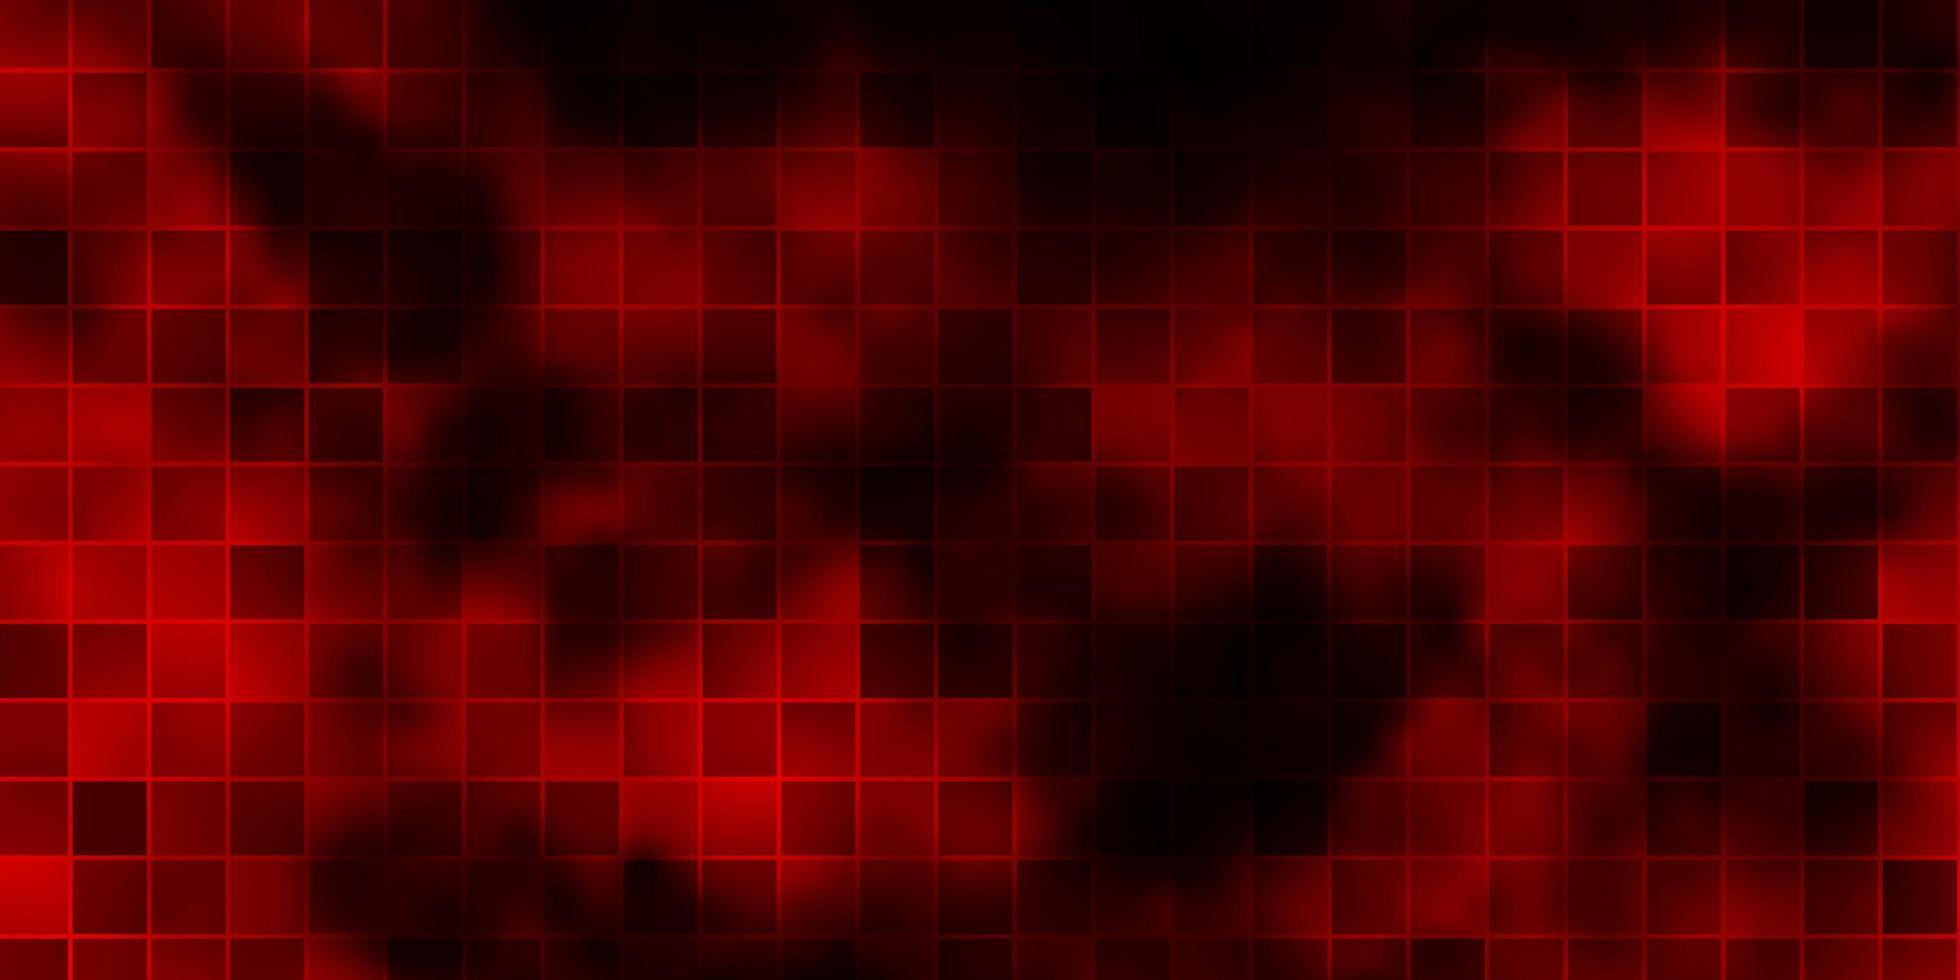 fundo vector vermelho escuro com retângulos.